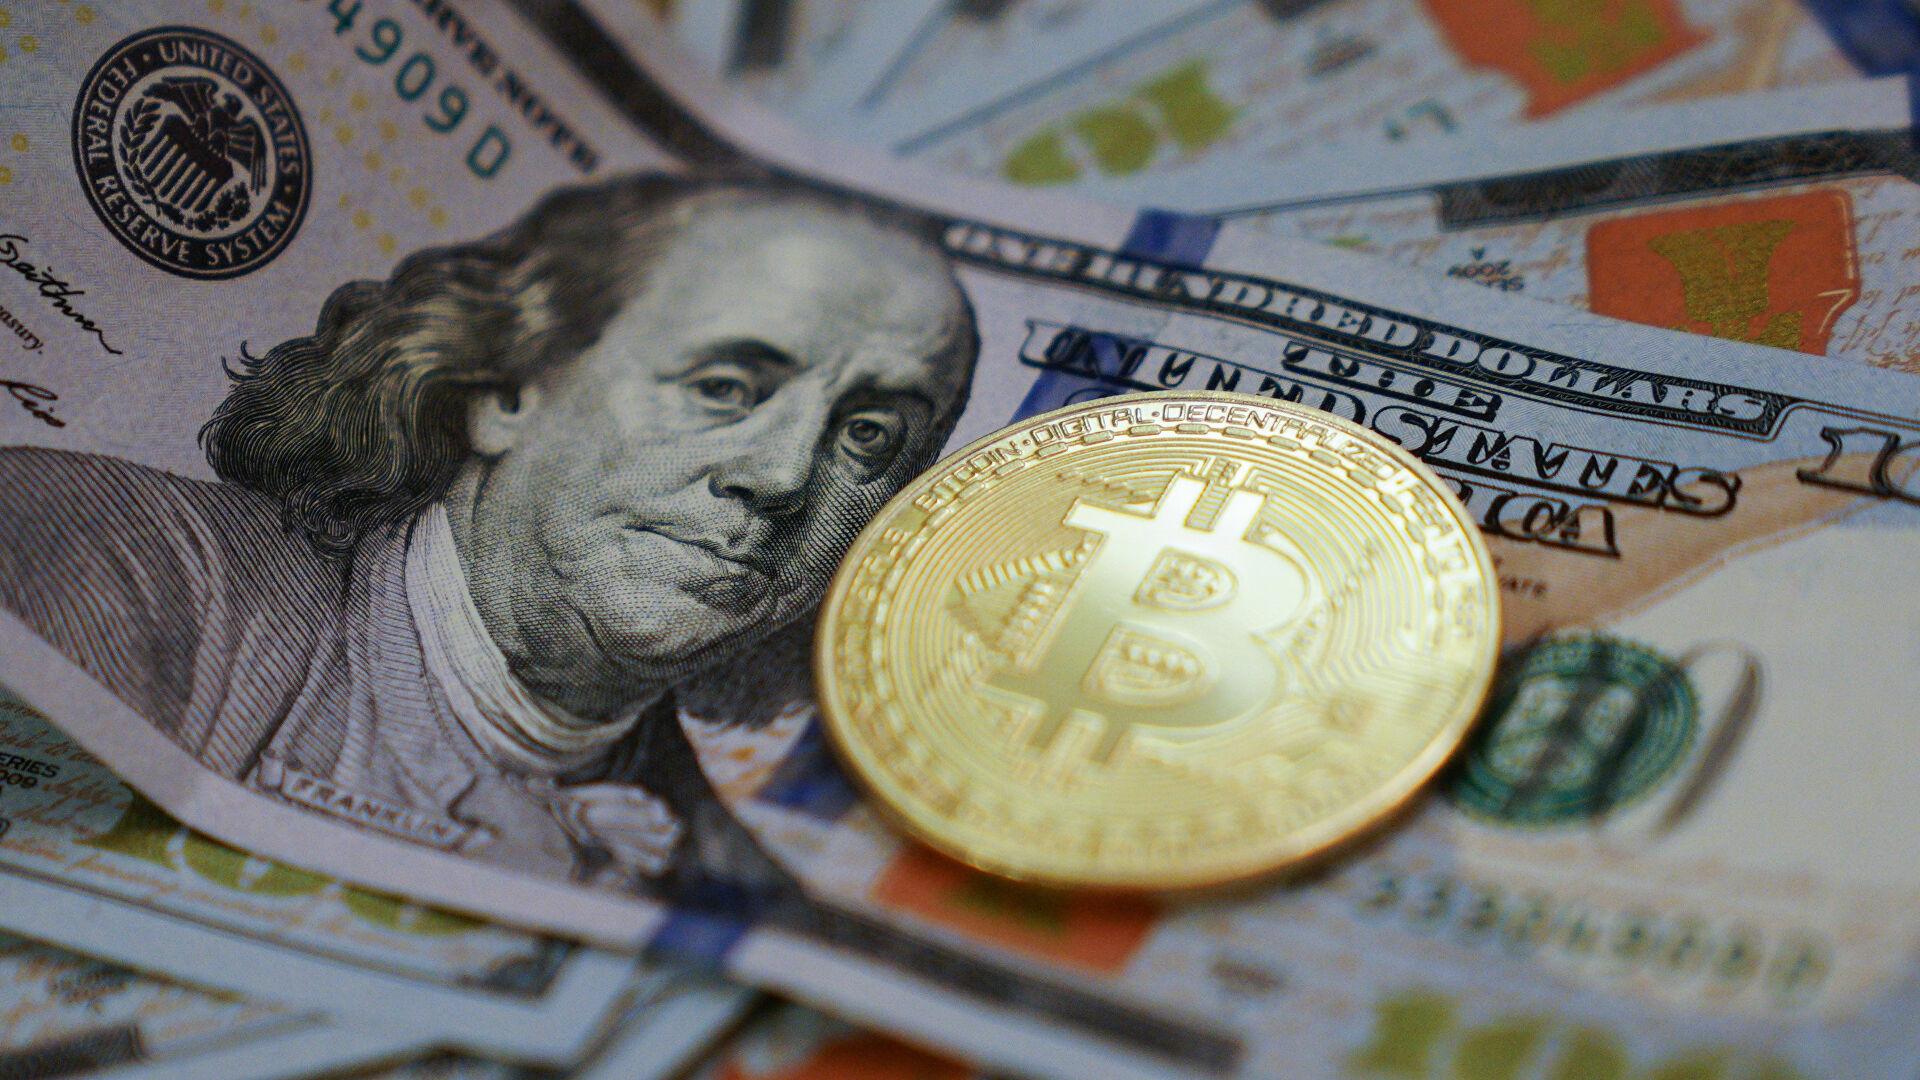 Курс биткоина вырос после того, как Сальвадор признал его официальной валютой